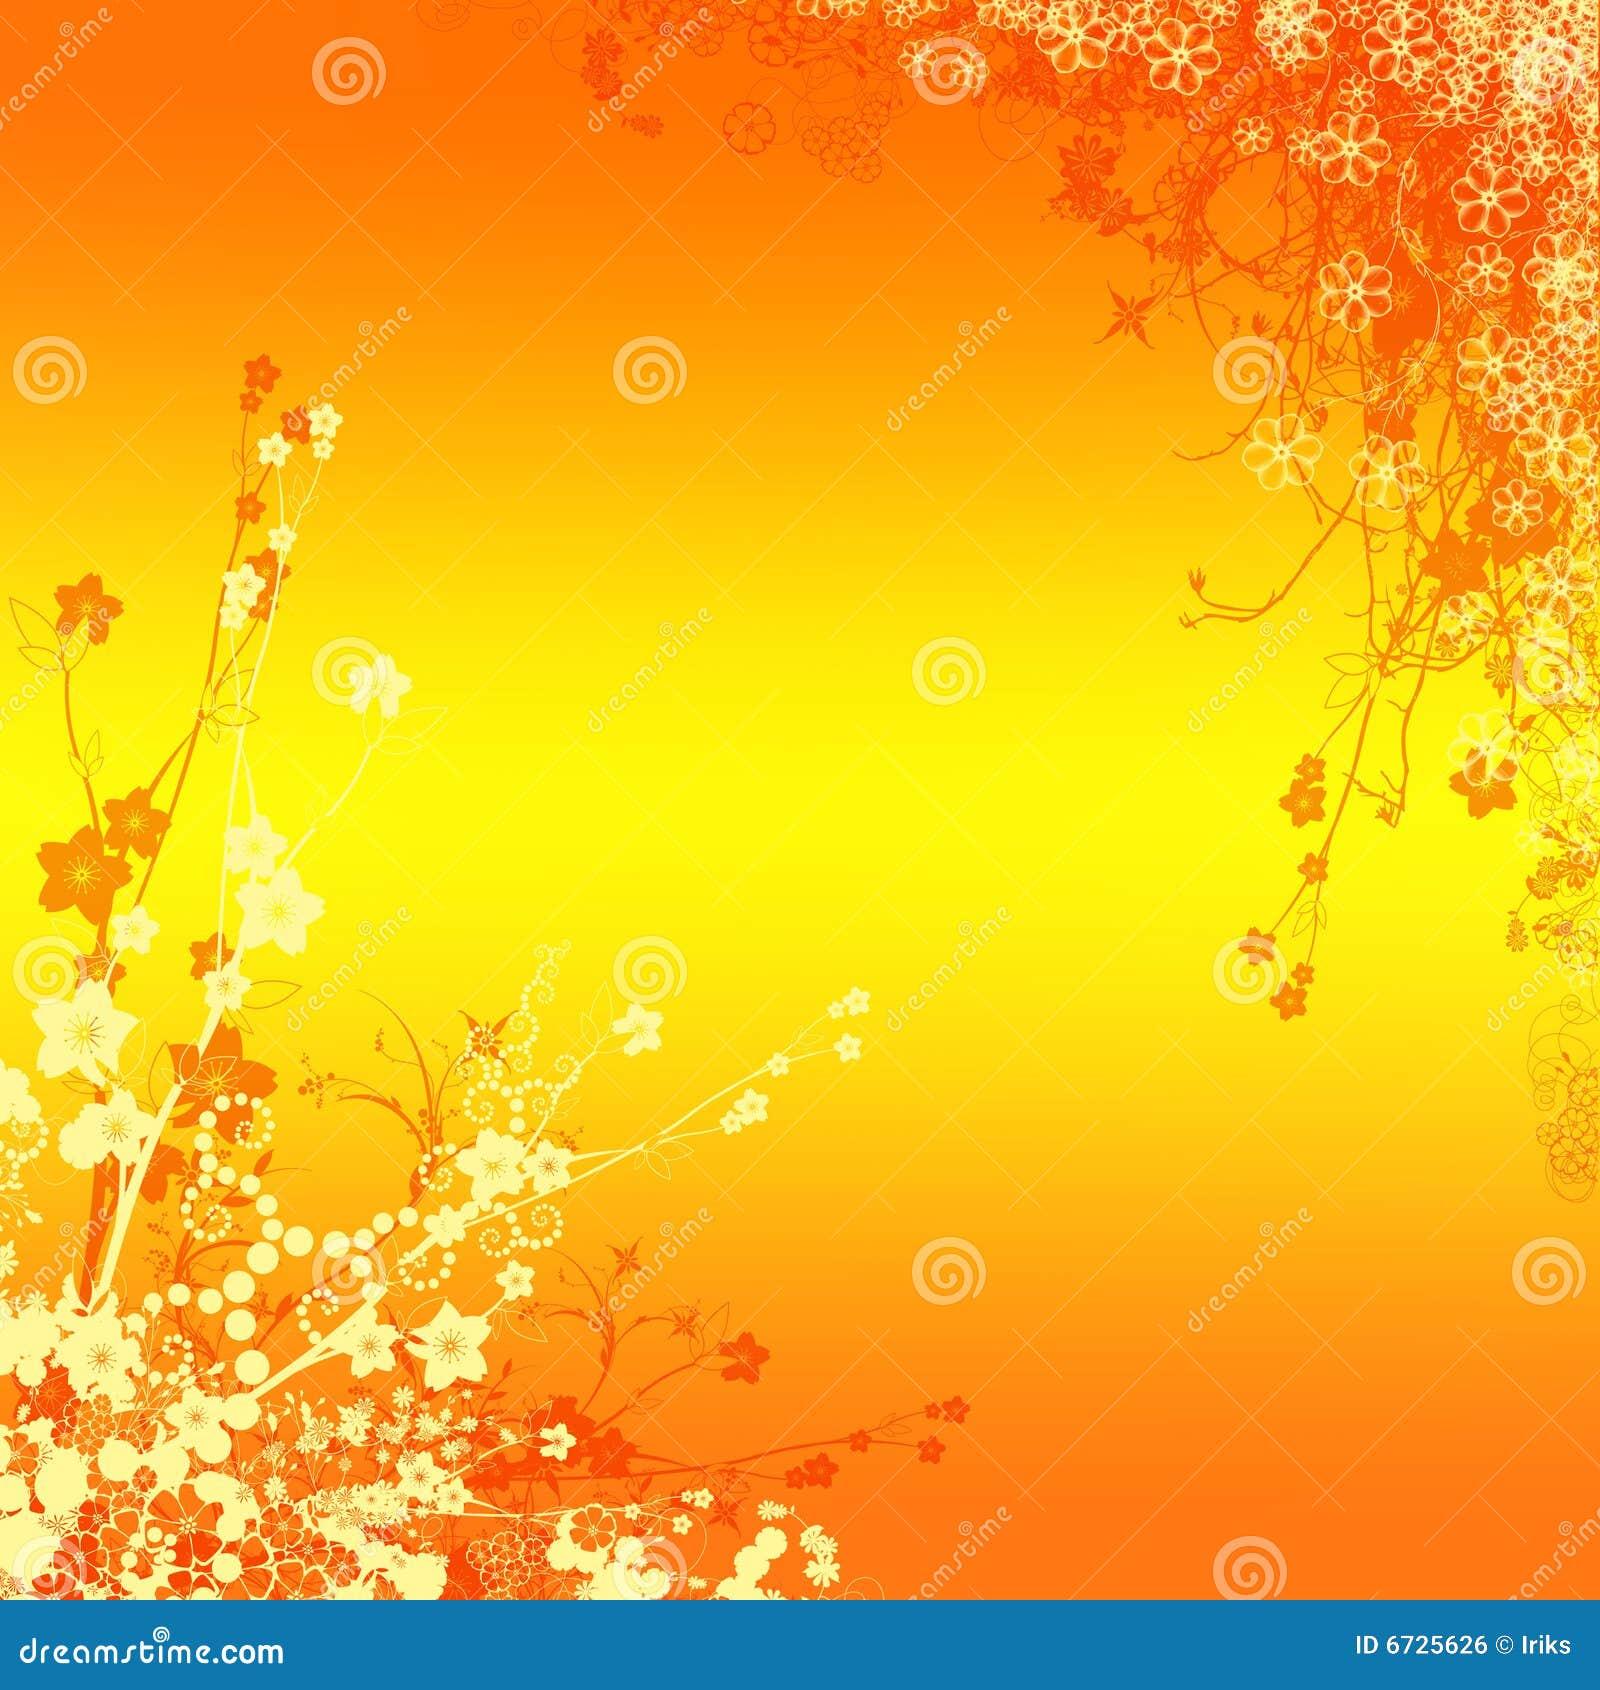 orange background free stock - photo #35